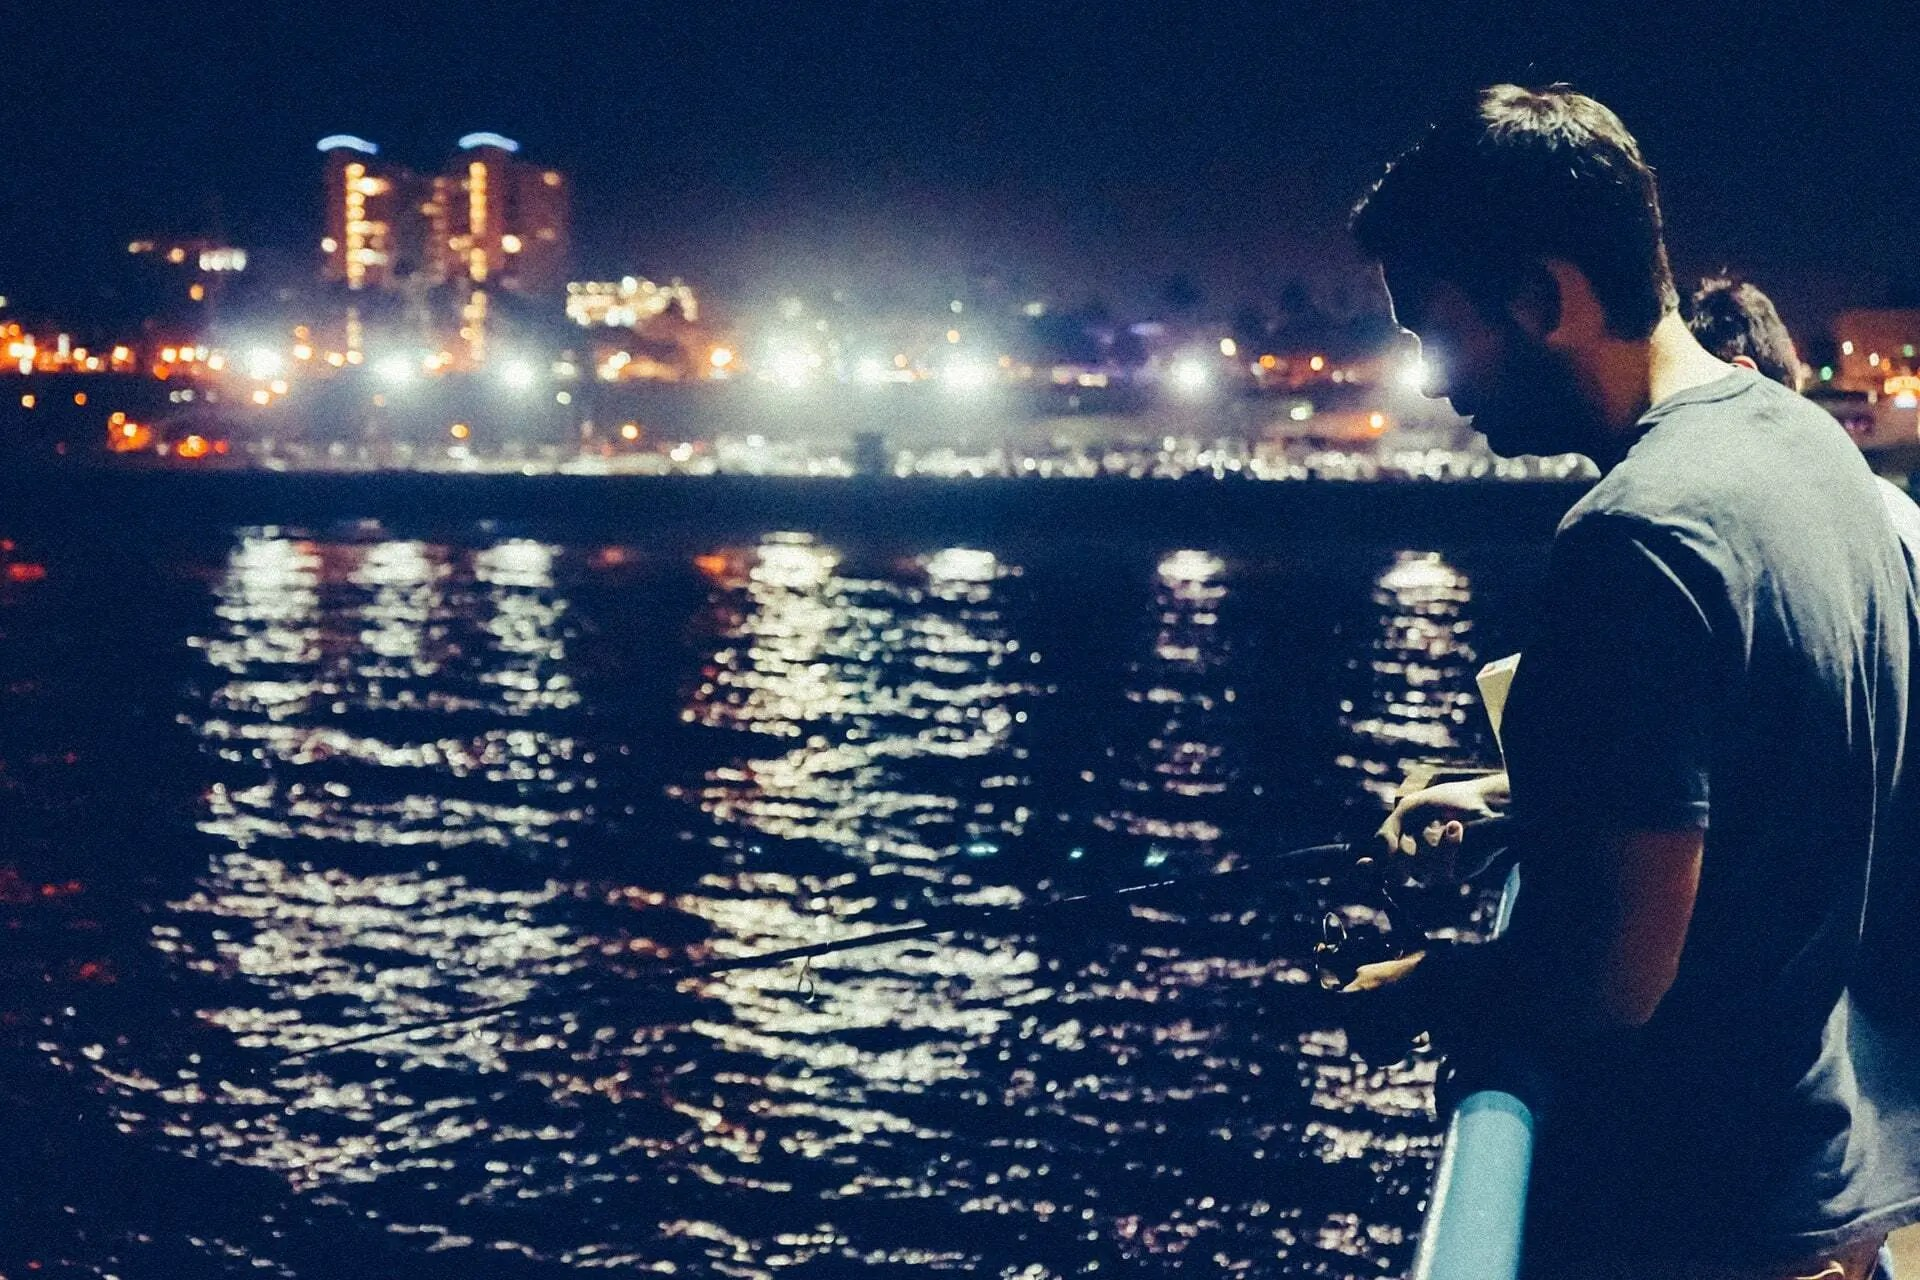 pier night fishing